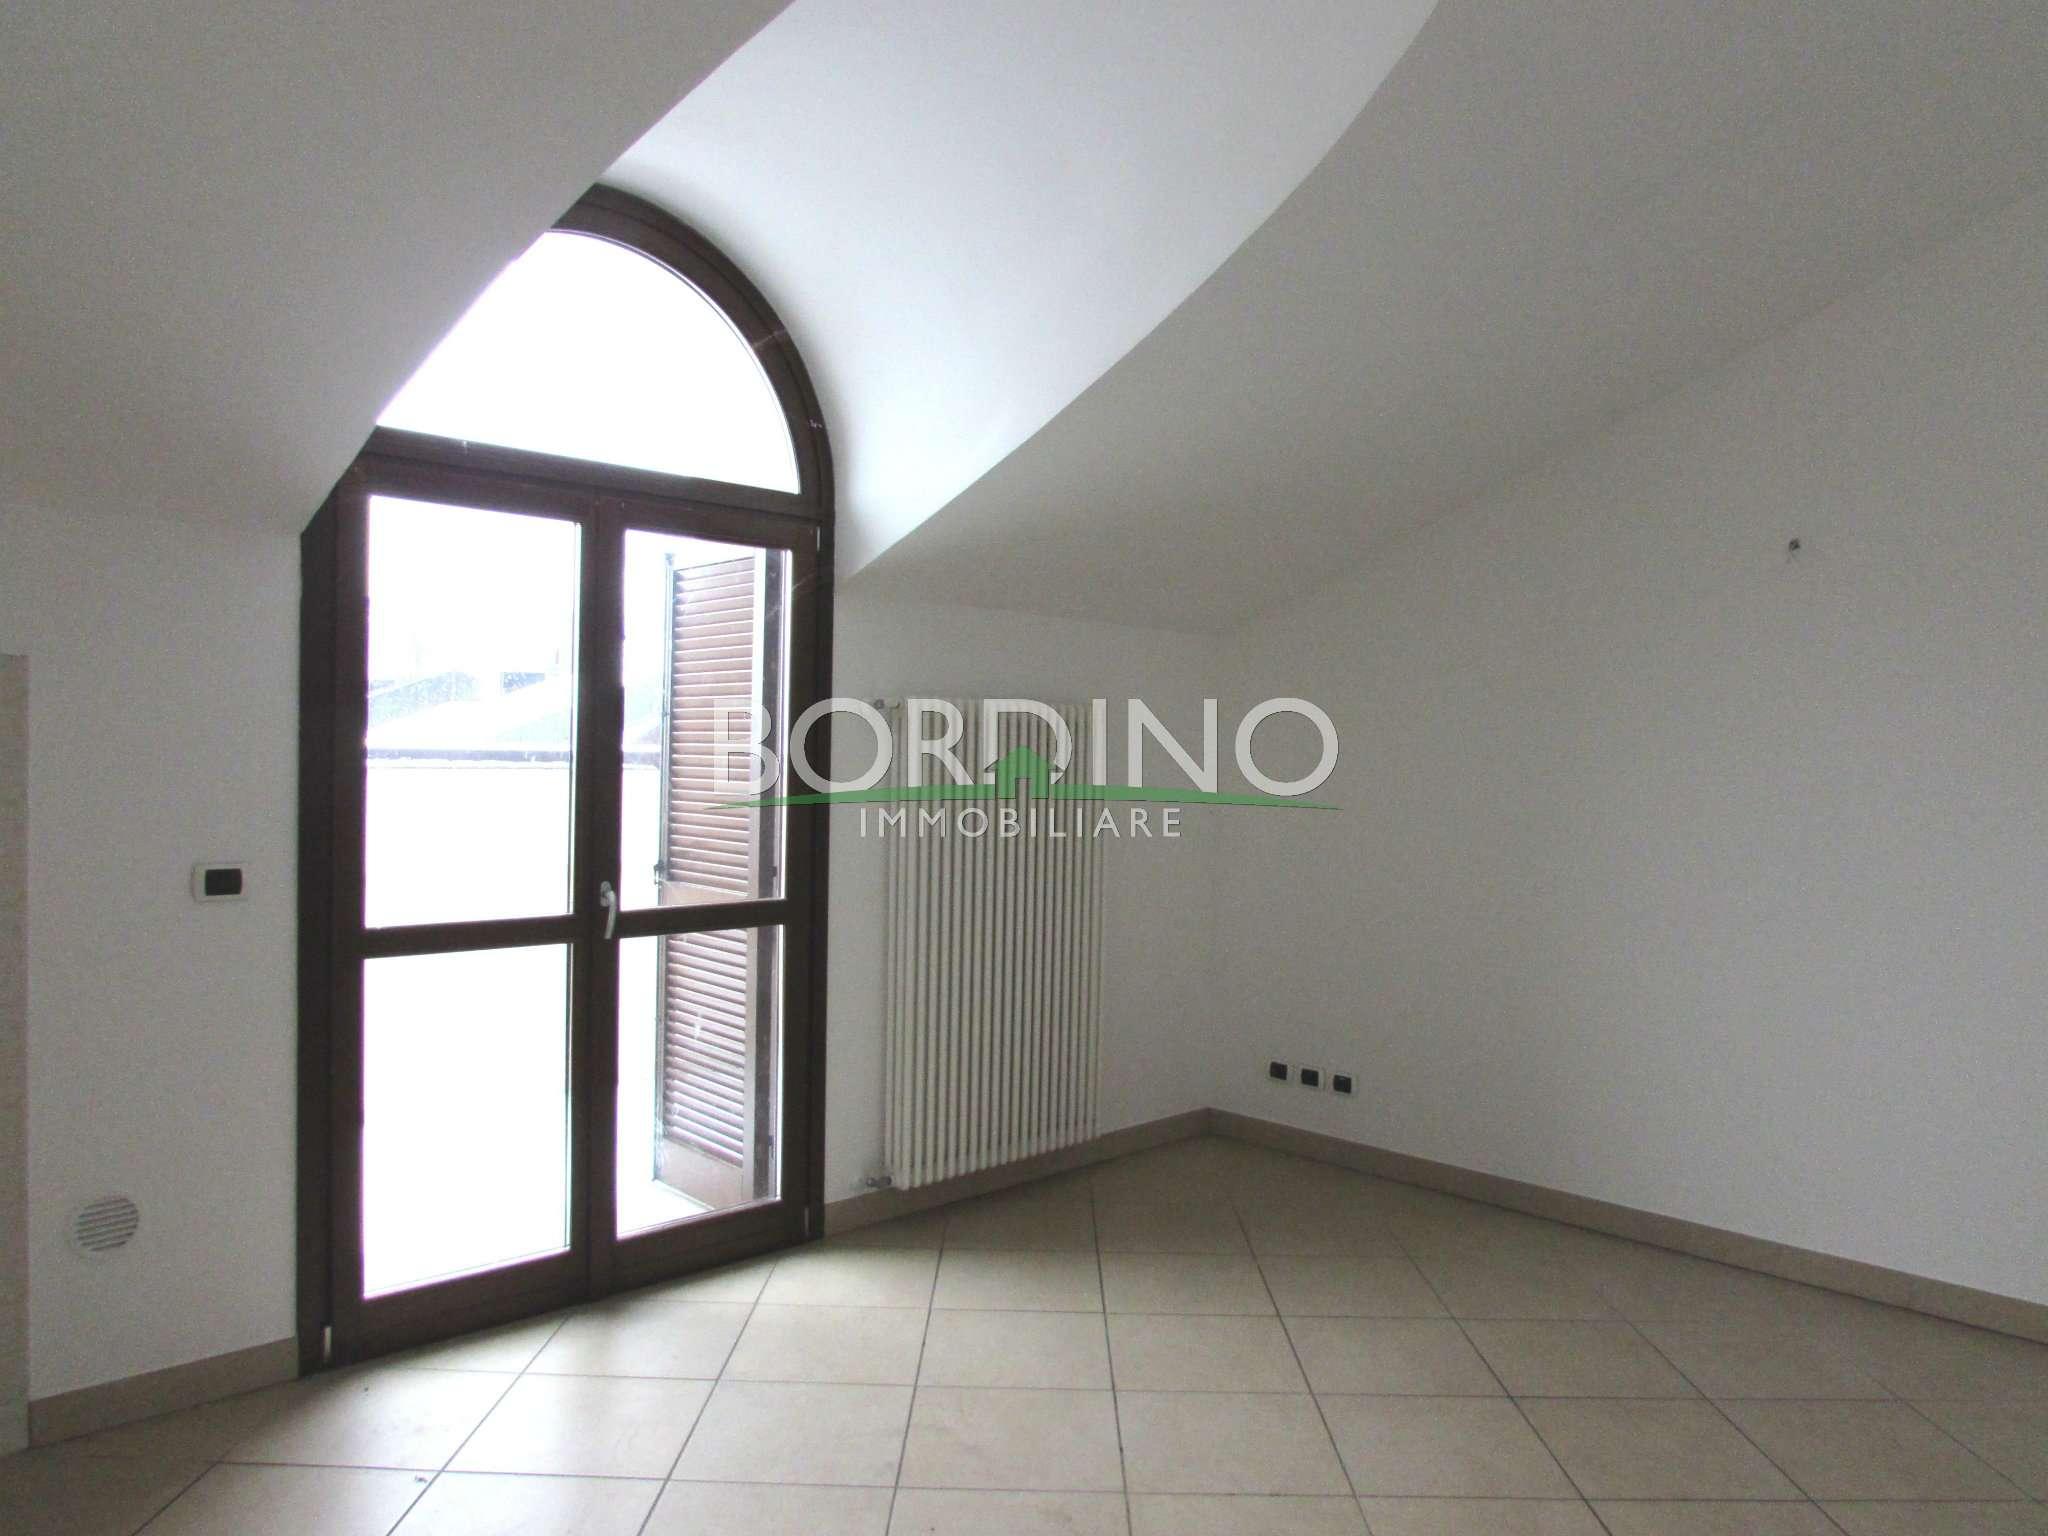 Appartamento in affitto a Magliano Alfieri, 3 locali, prezzo € 420 | CambioCasa.it